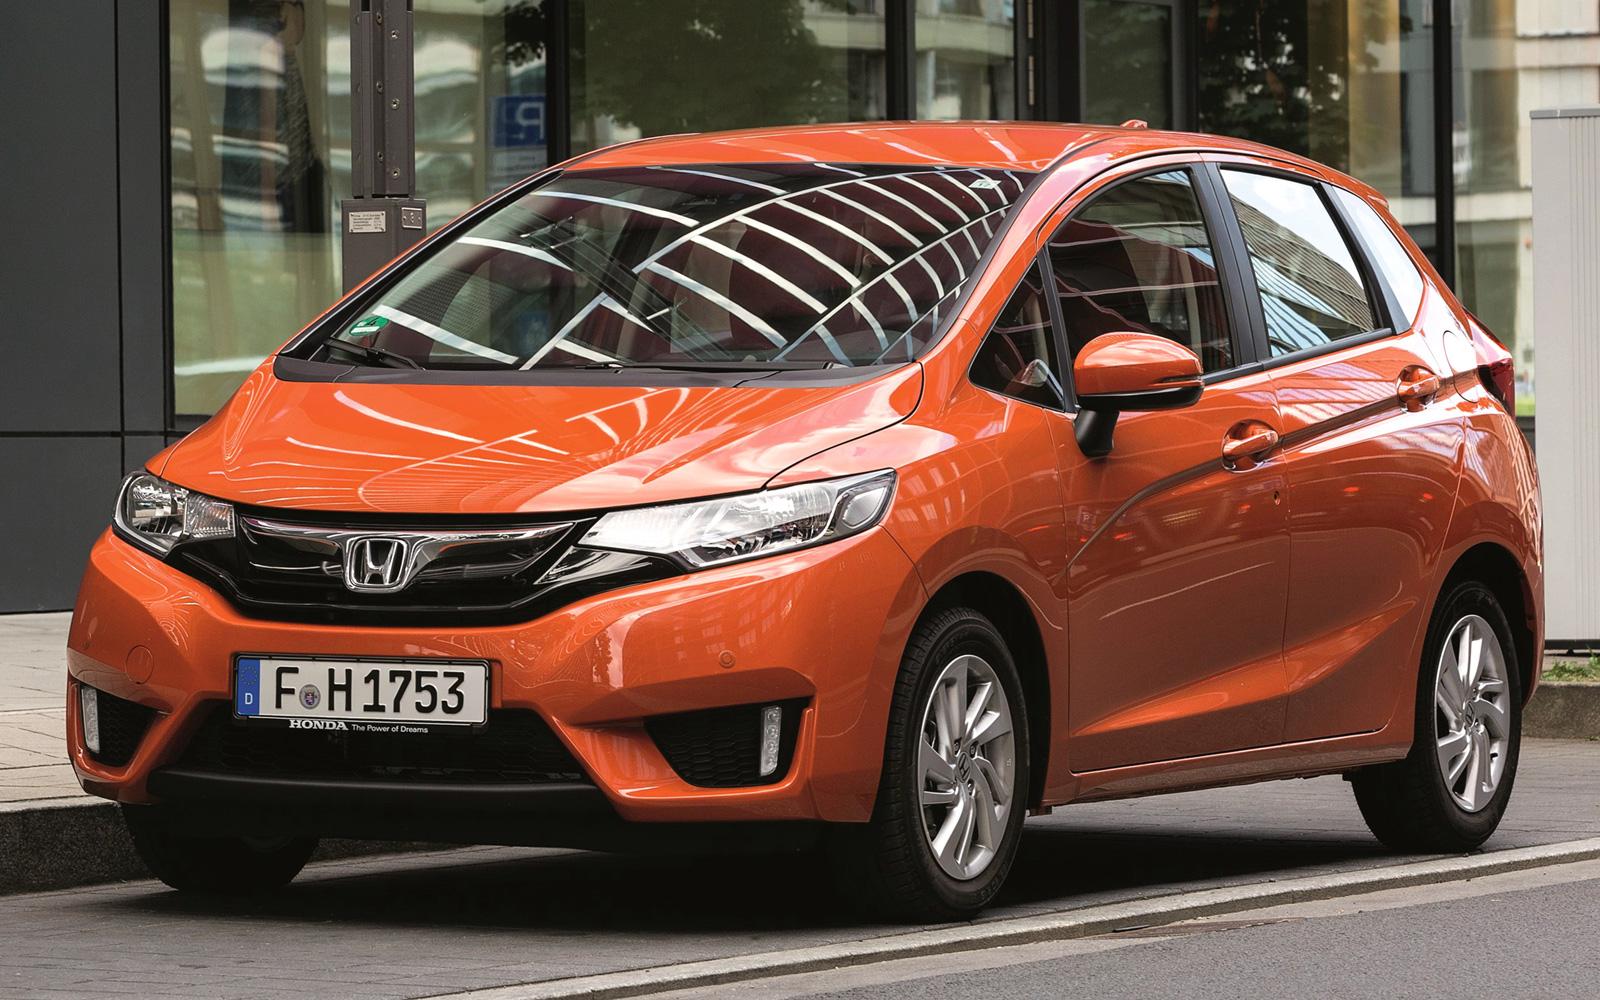 Хонда Фит/Джаз (Honda Fit/Jazz) 3 поколения в 2019 году ...